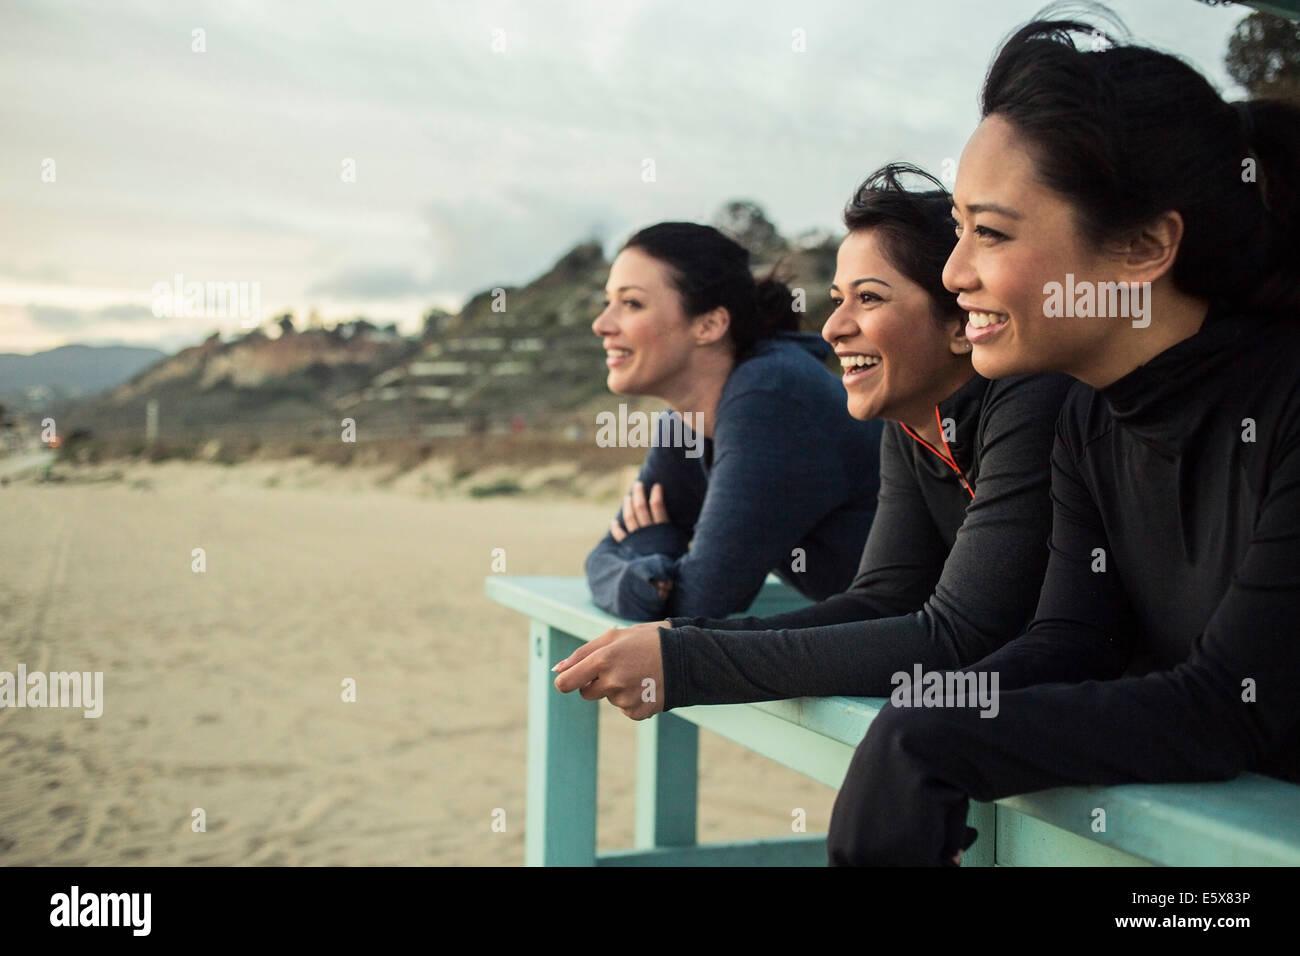 Los deportistas disfrutando de vistas sobre la playa Imagen De Stock